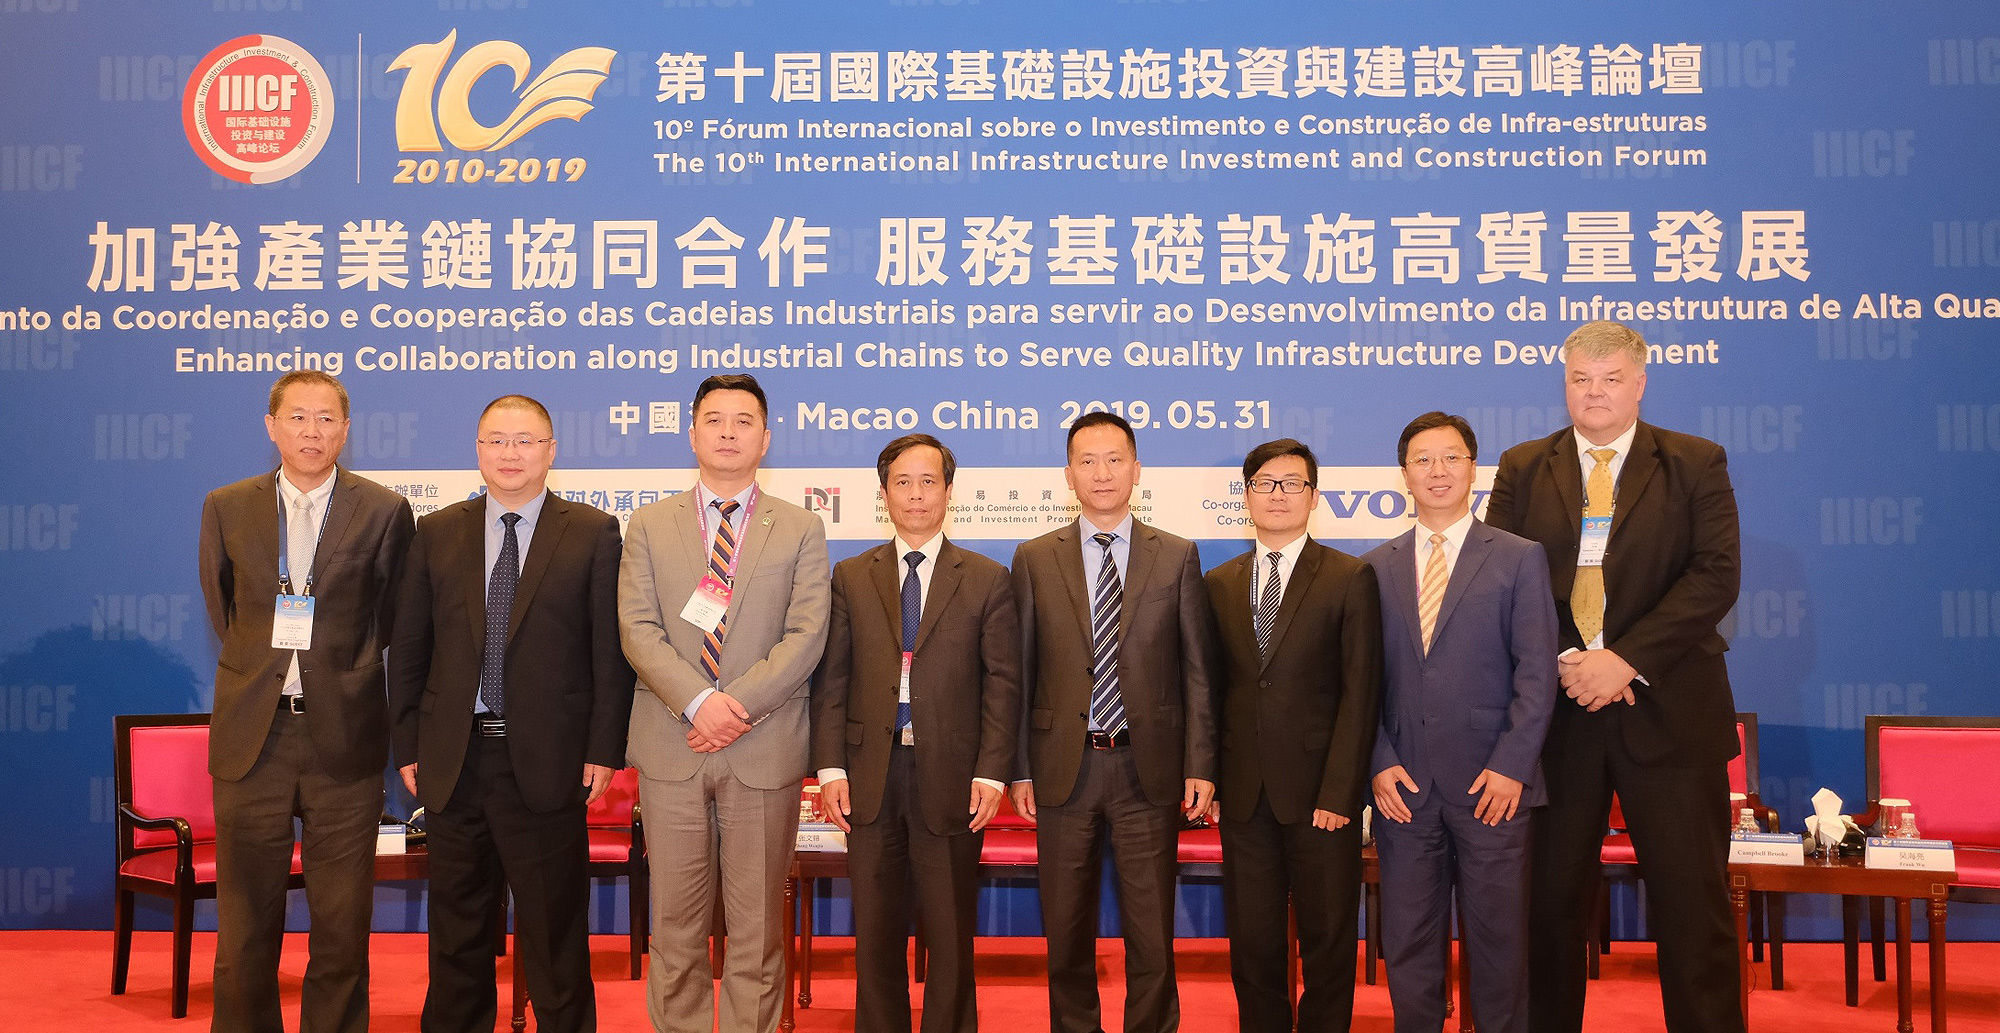 沃爾沃(中國)投資有限公司總裁馬軍